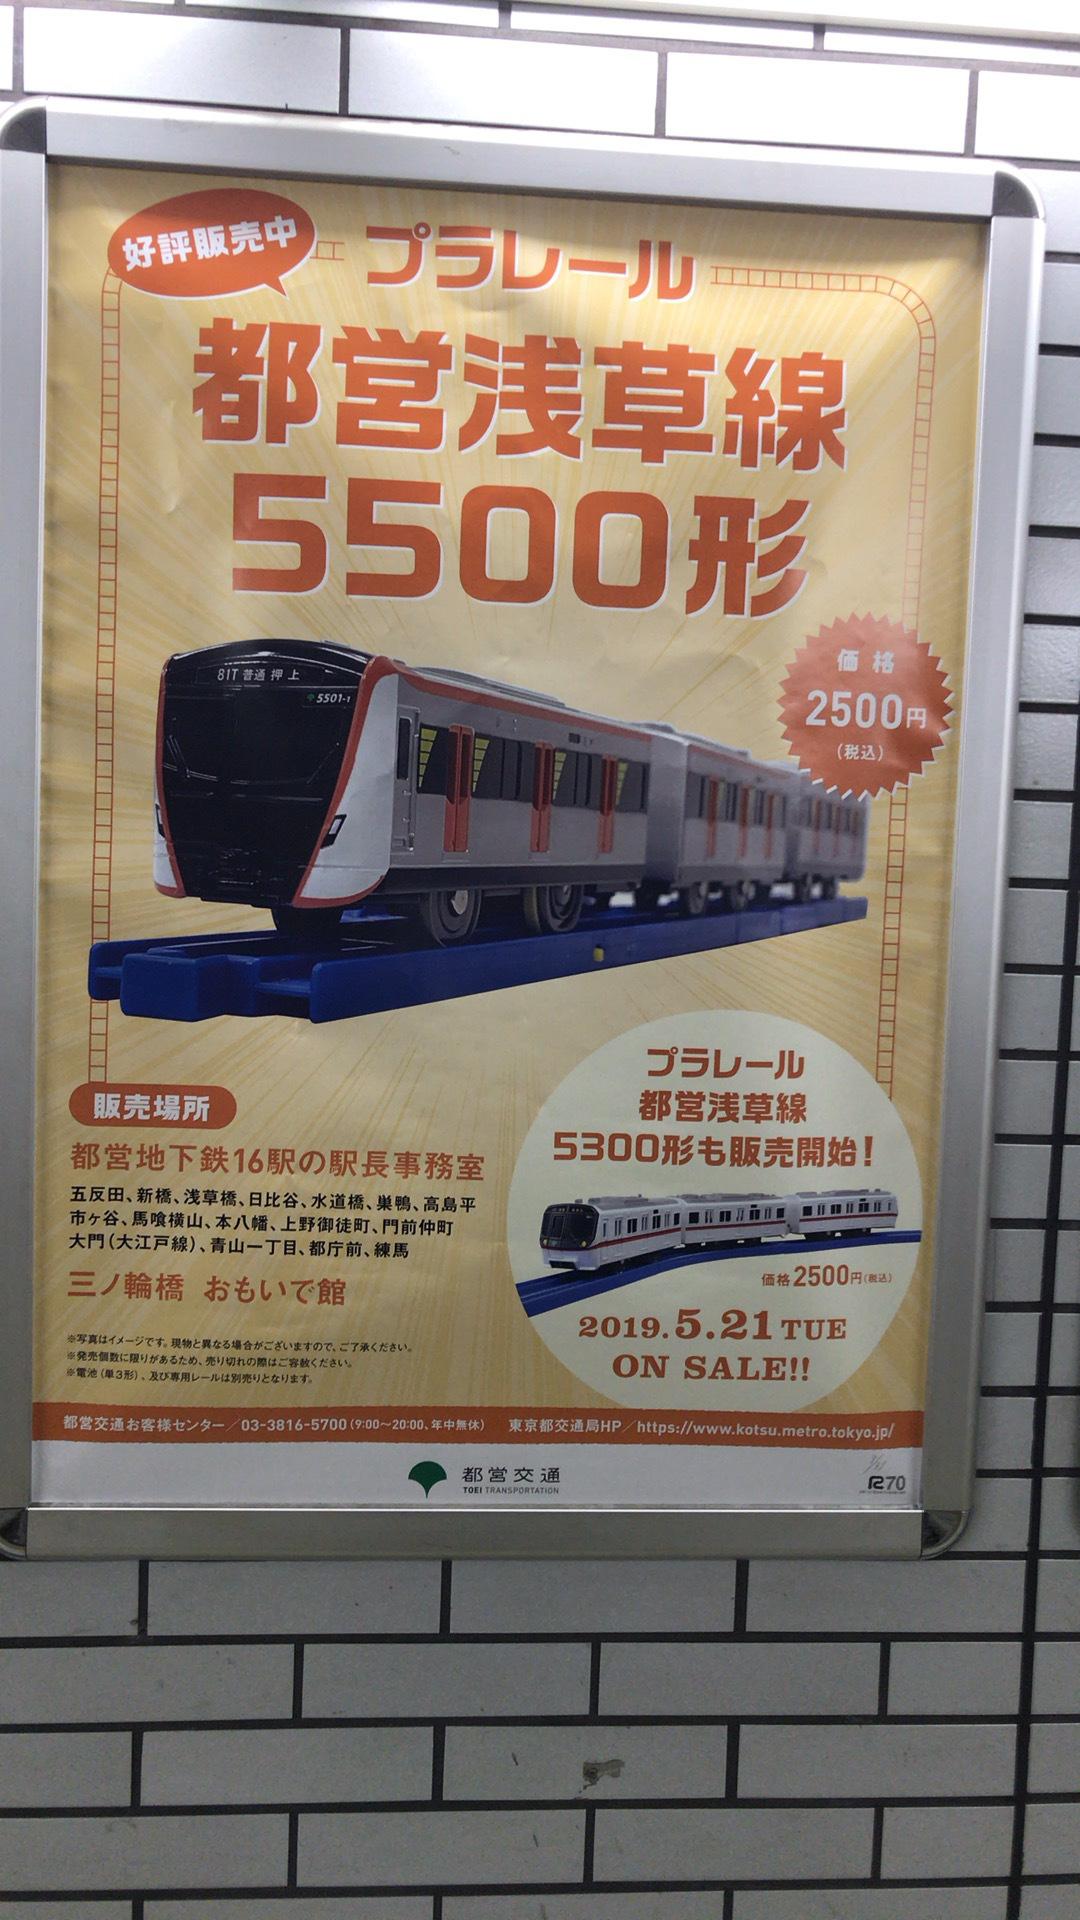 都営浅草線5500系がプラレールで限定販売です。